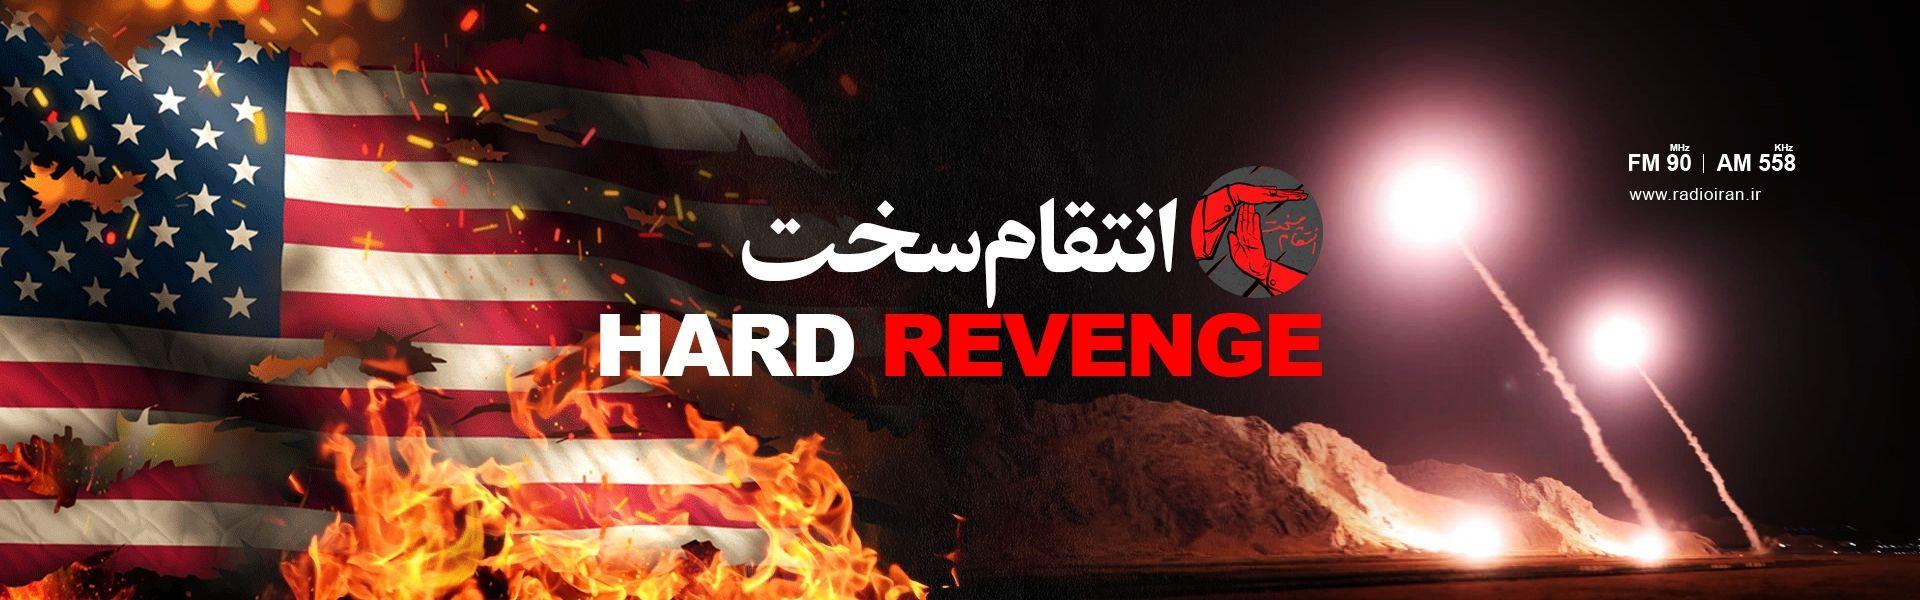 حمله سپاه پاسداران به پایگاه عین الاسد